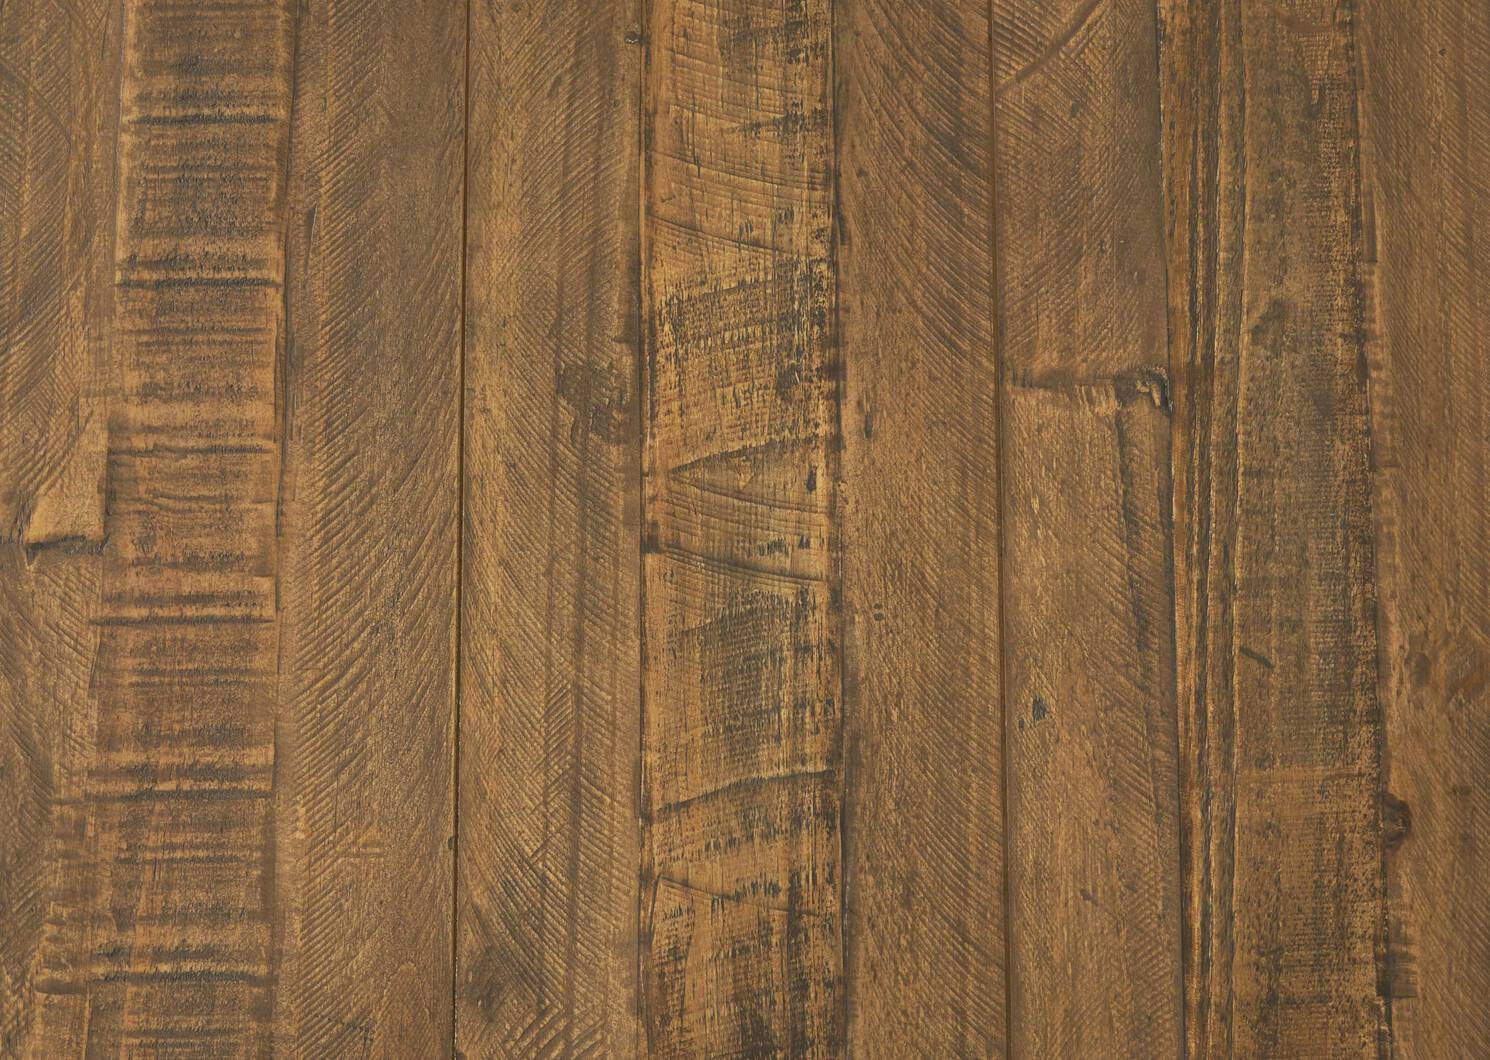 Blaine Coffee Table -Malta Pine